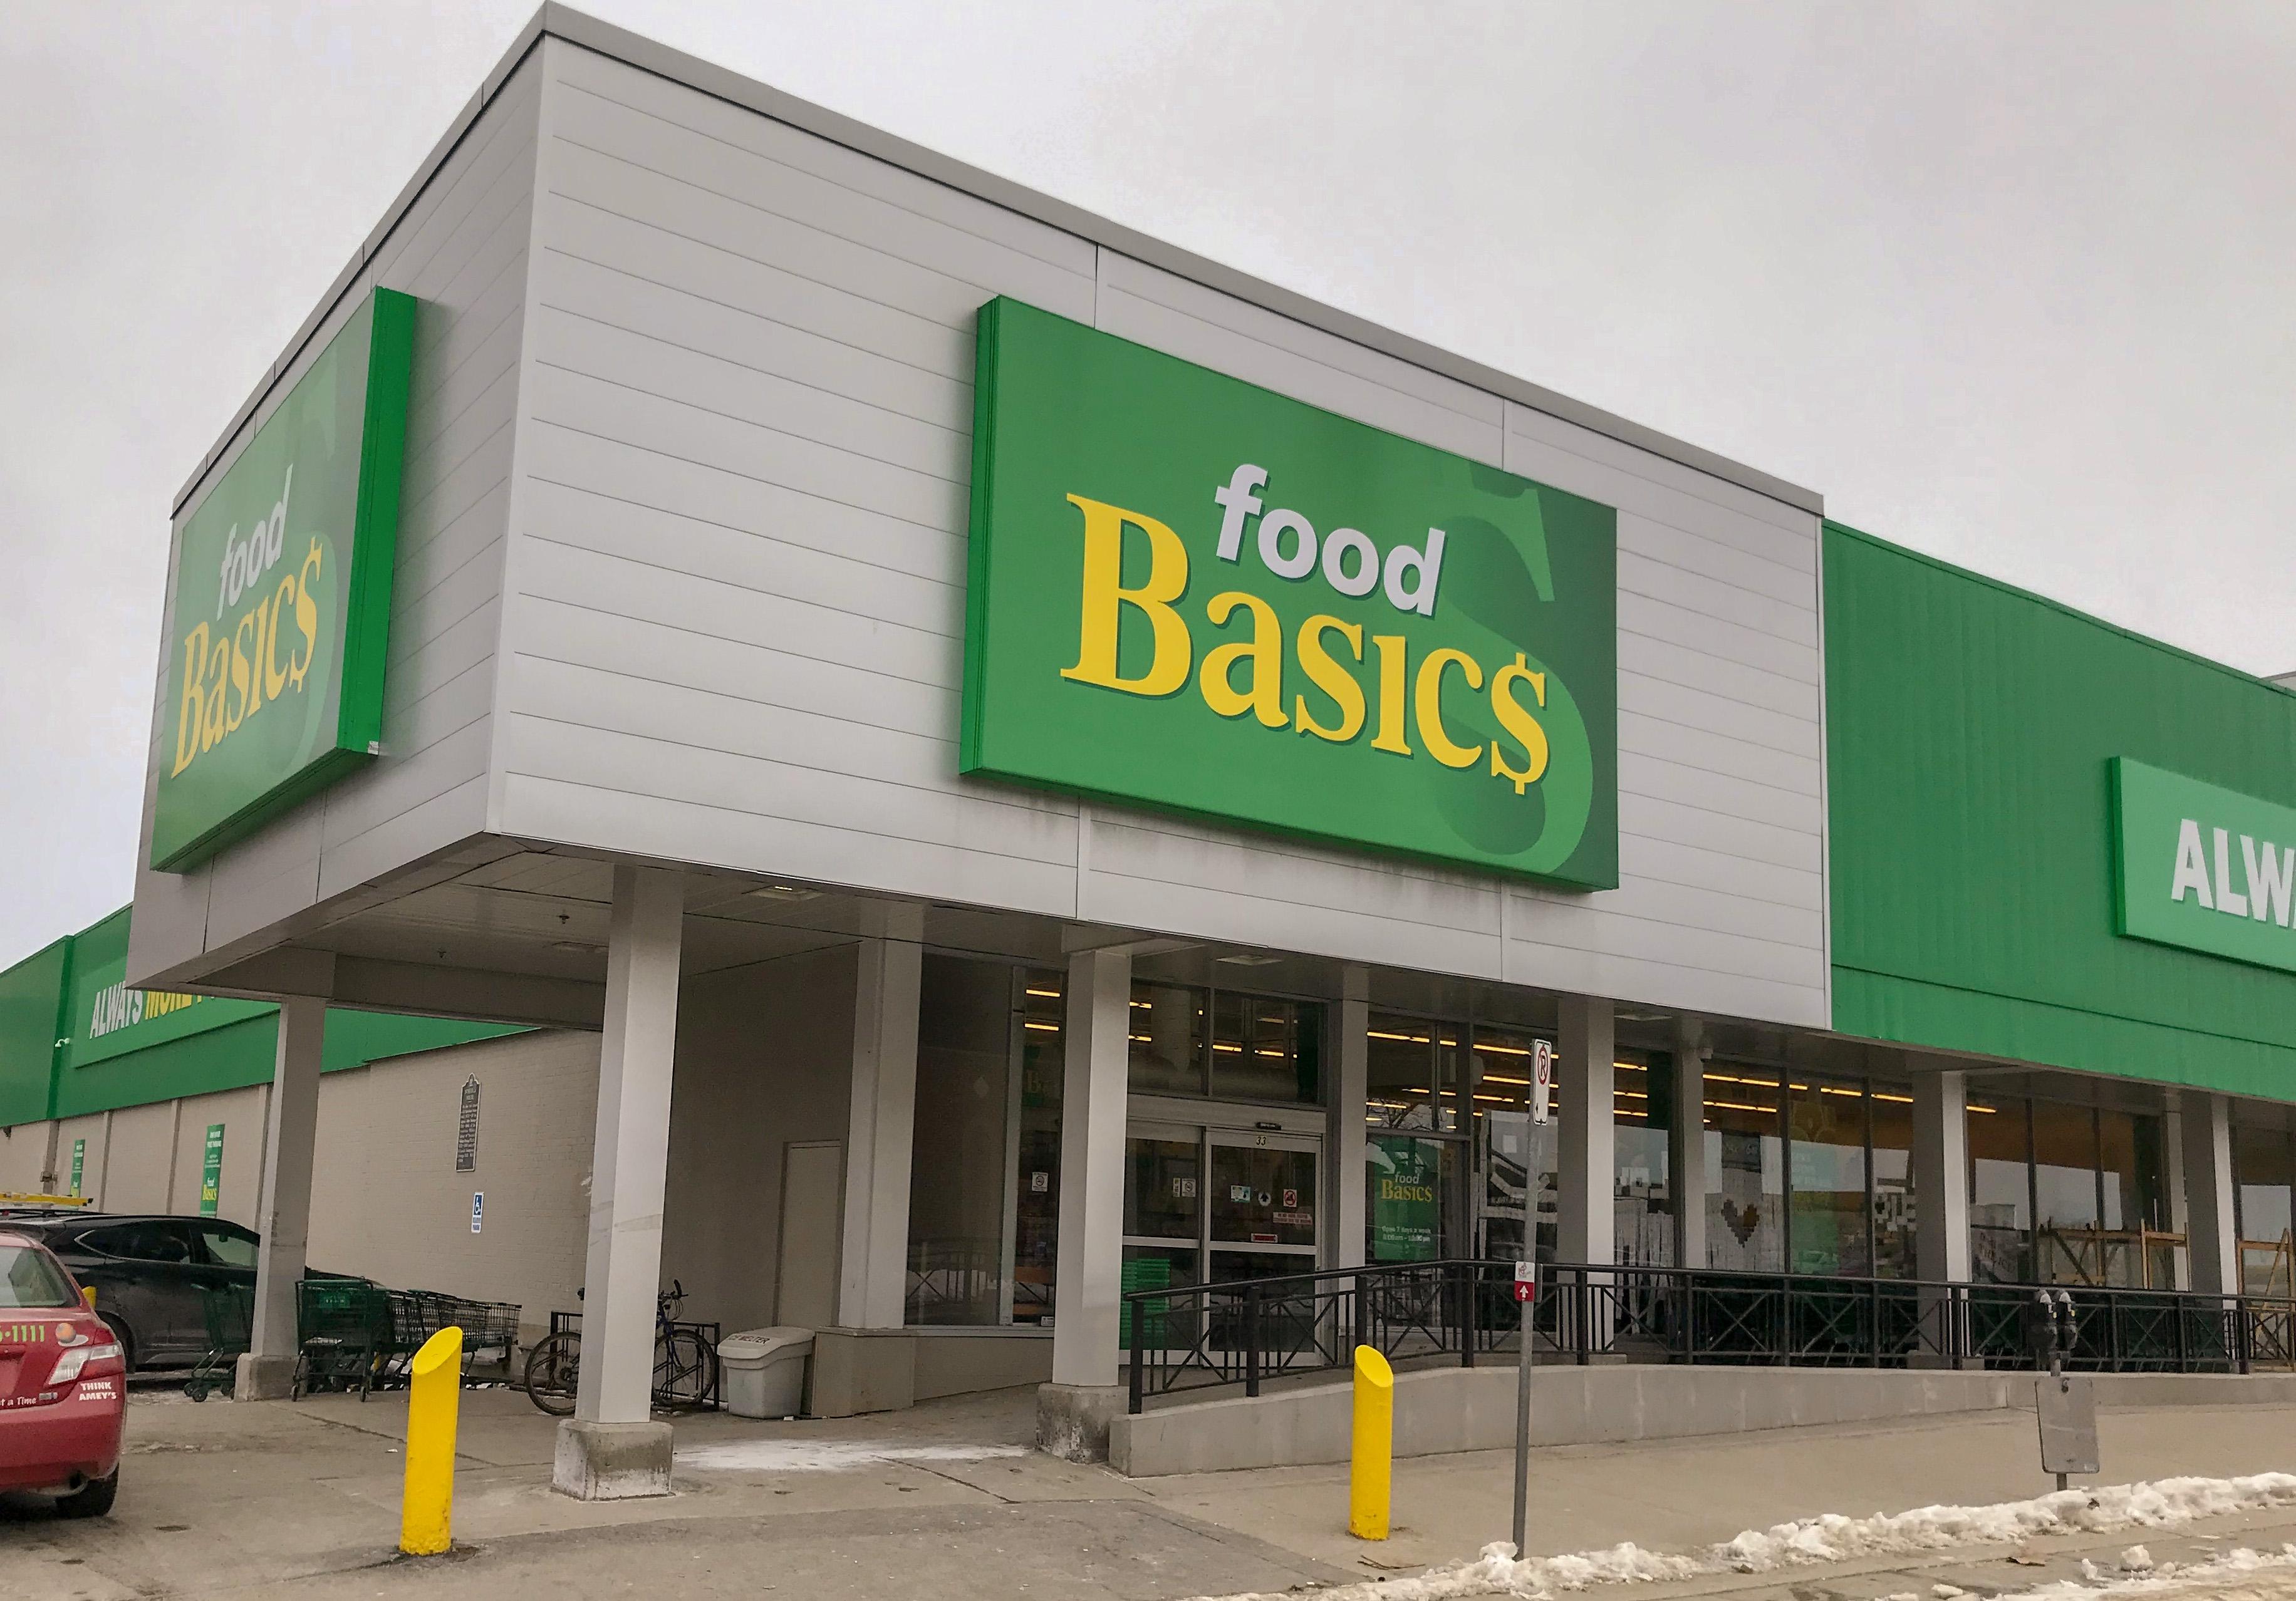 Тем временем на бездуховном Западе. В Канаде забыли запереть продуктовый магазин, и такое началось...